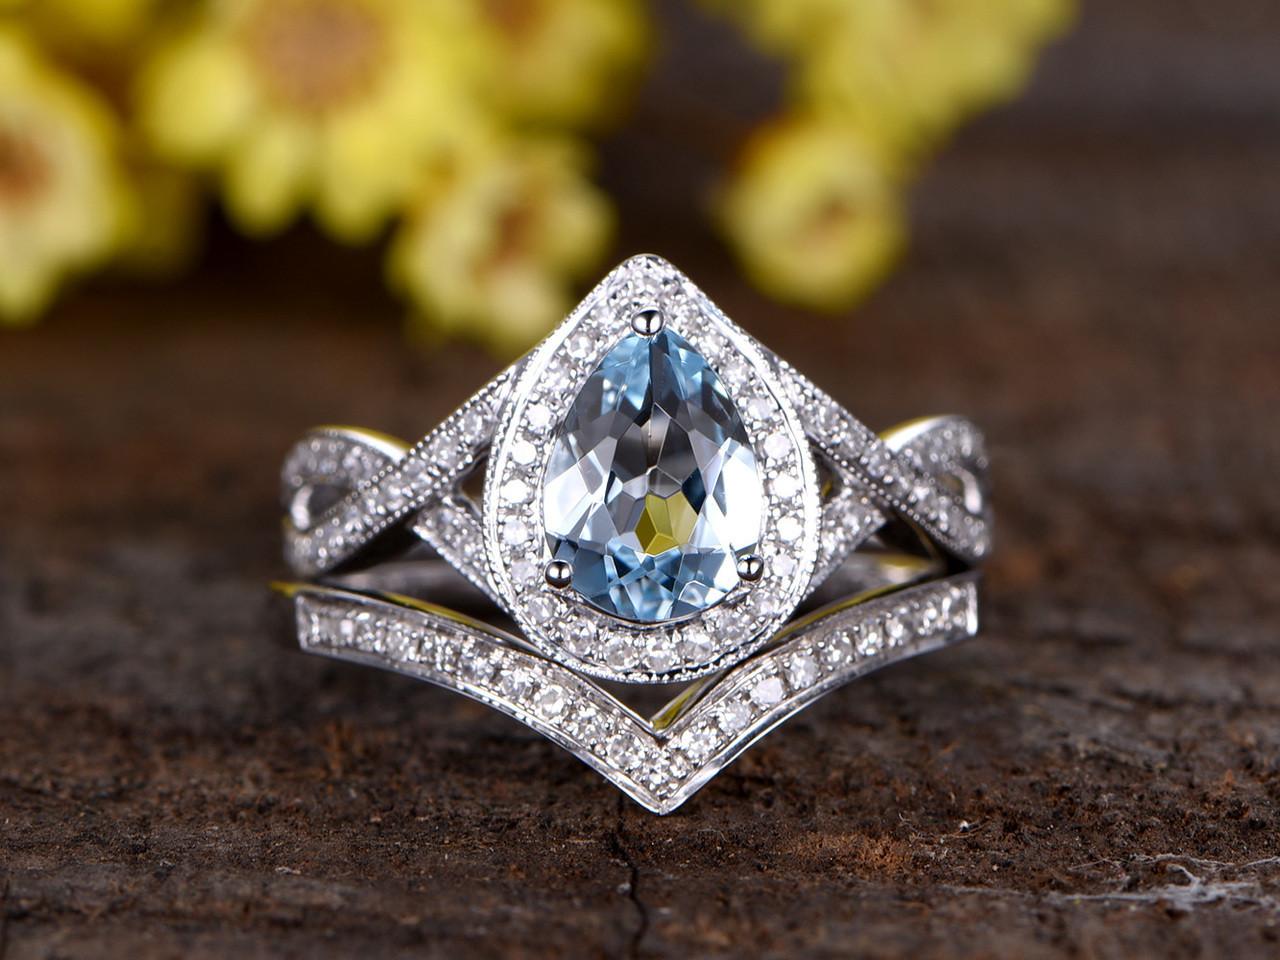 aquamarine wedding set aquamarine wedding rings 1 2 Carat Oval Aquamarine Bridal Set Diamond Wedding Ring 14k White Gold Split Shank Infinity Matching